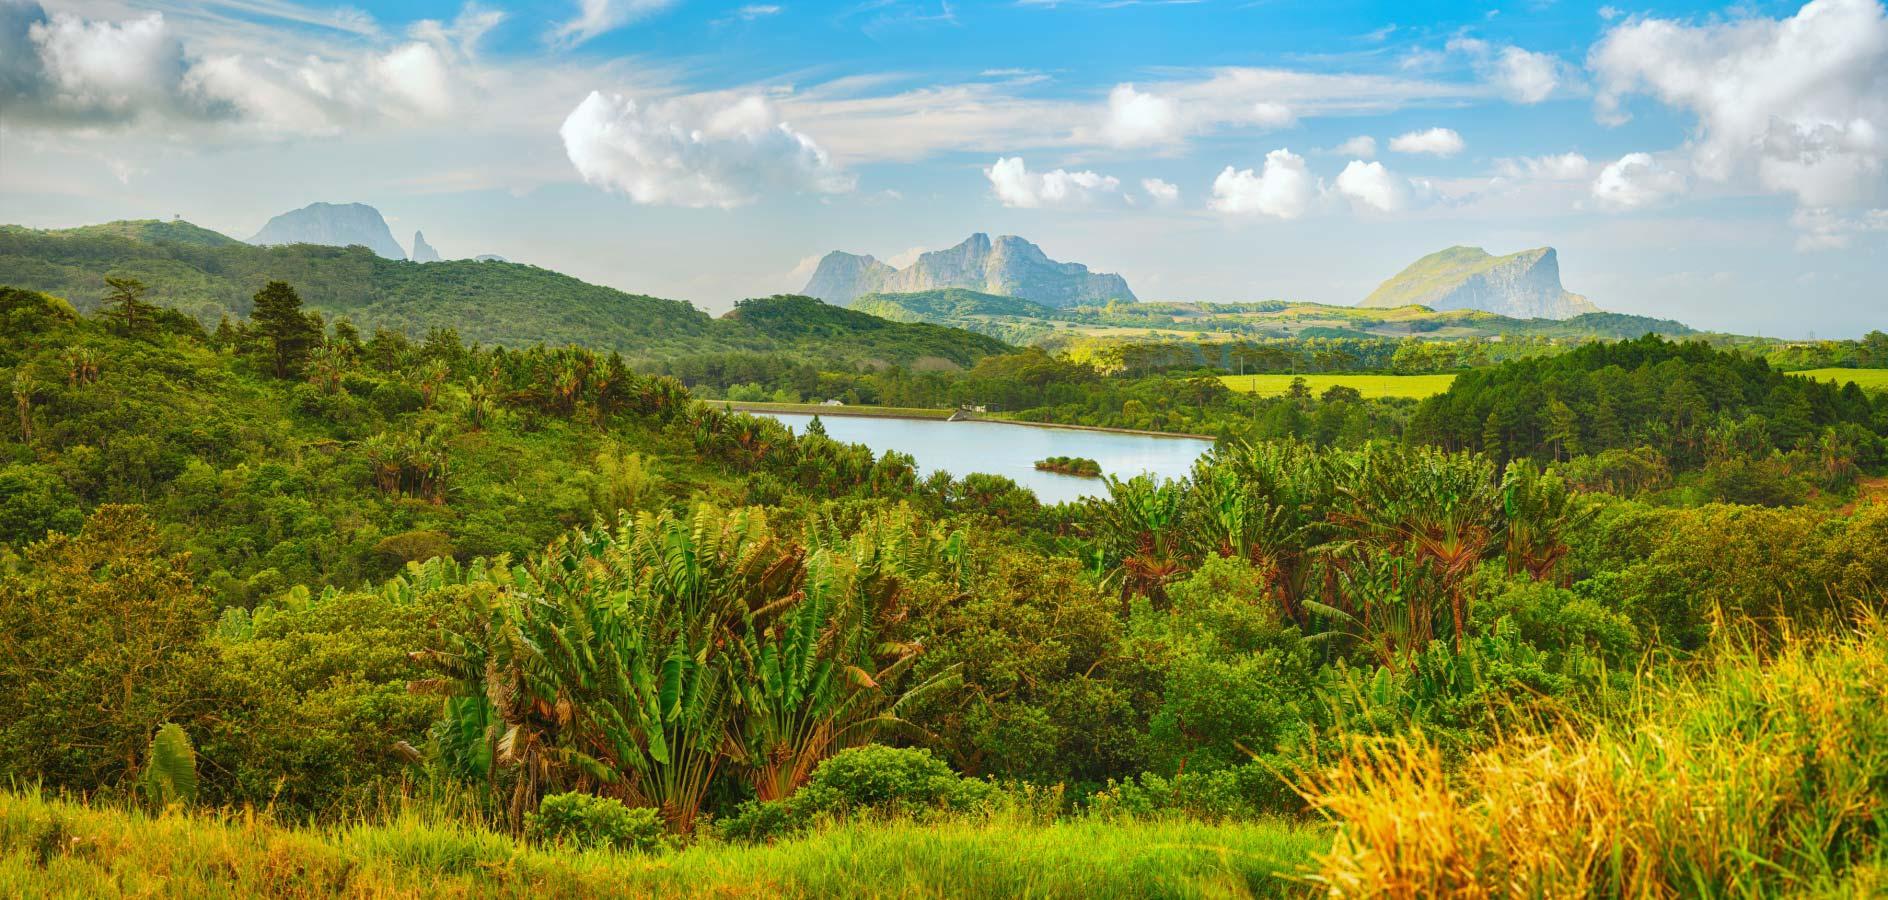 Mauritius Rainforest